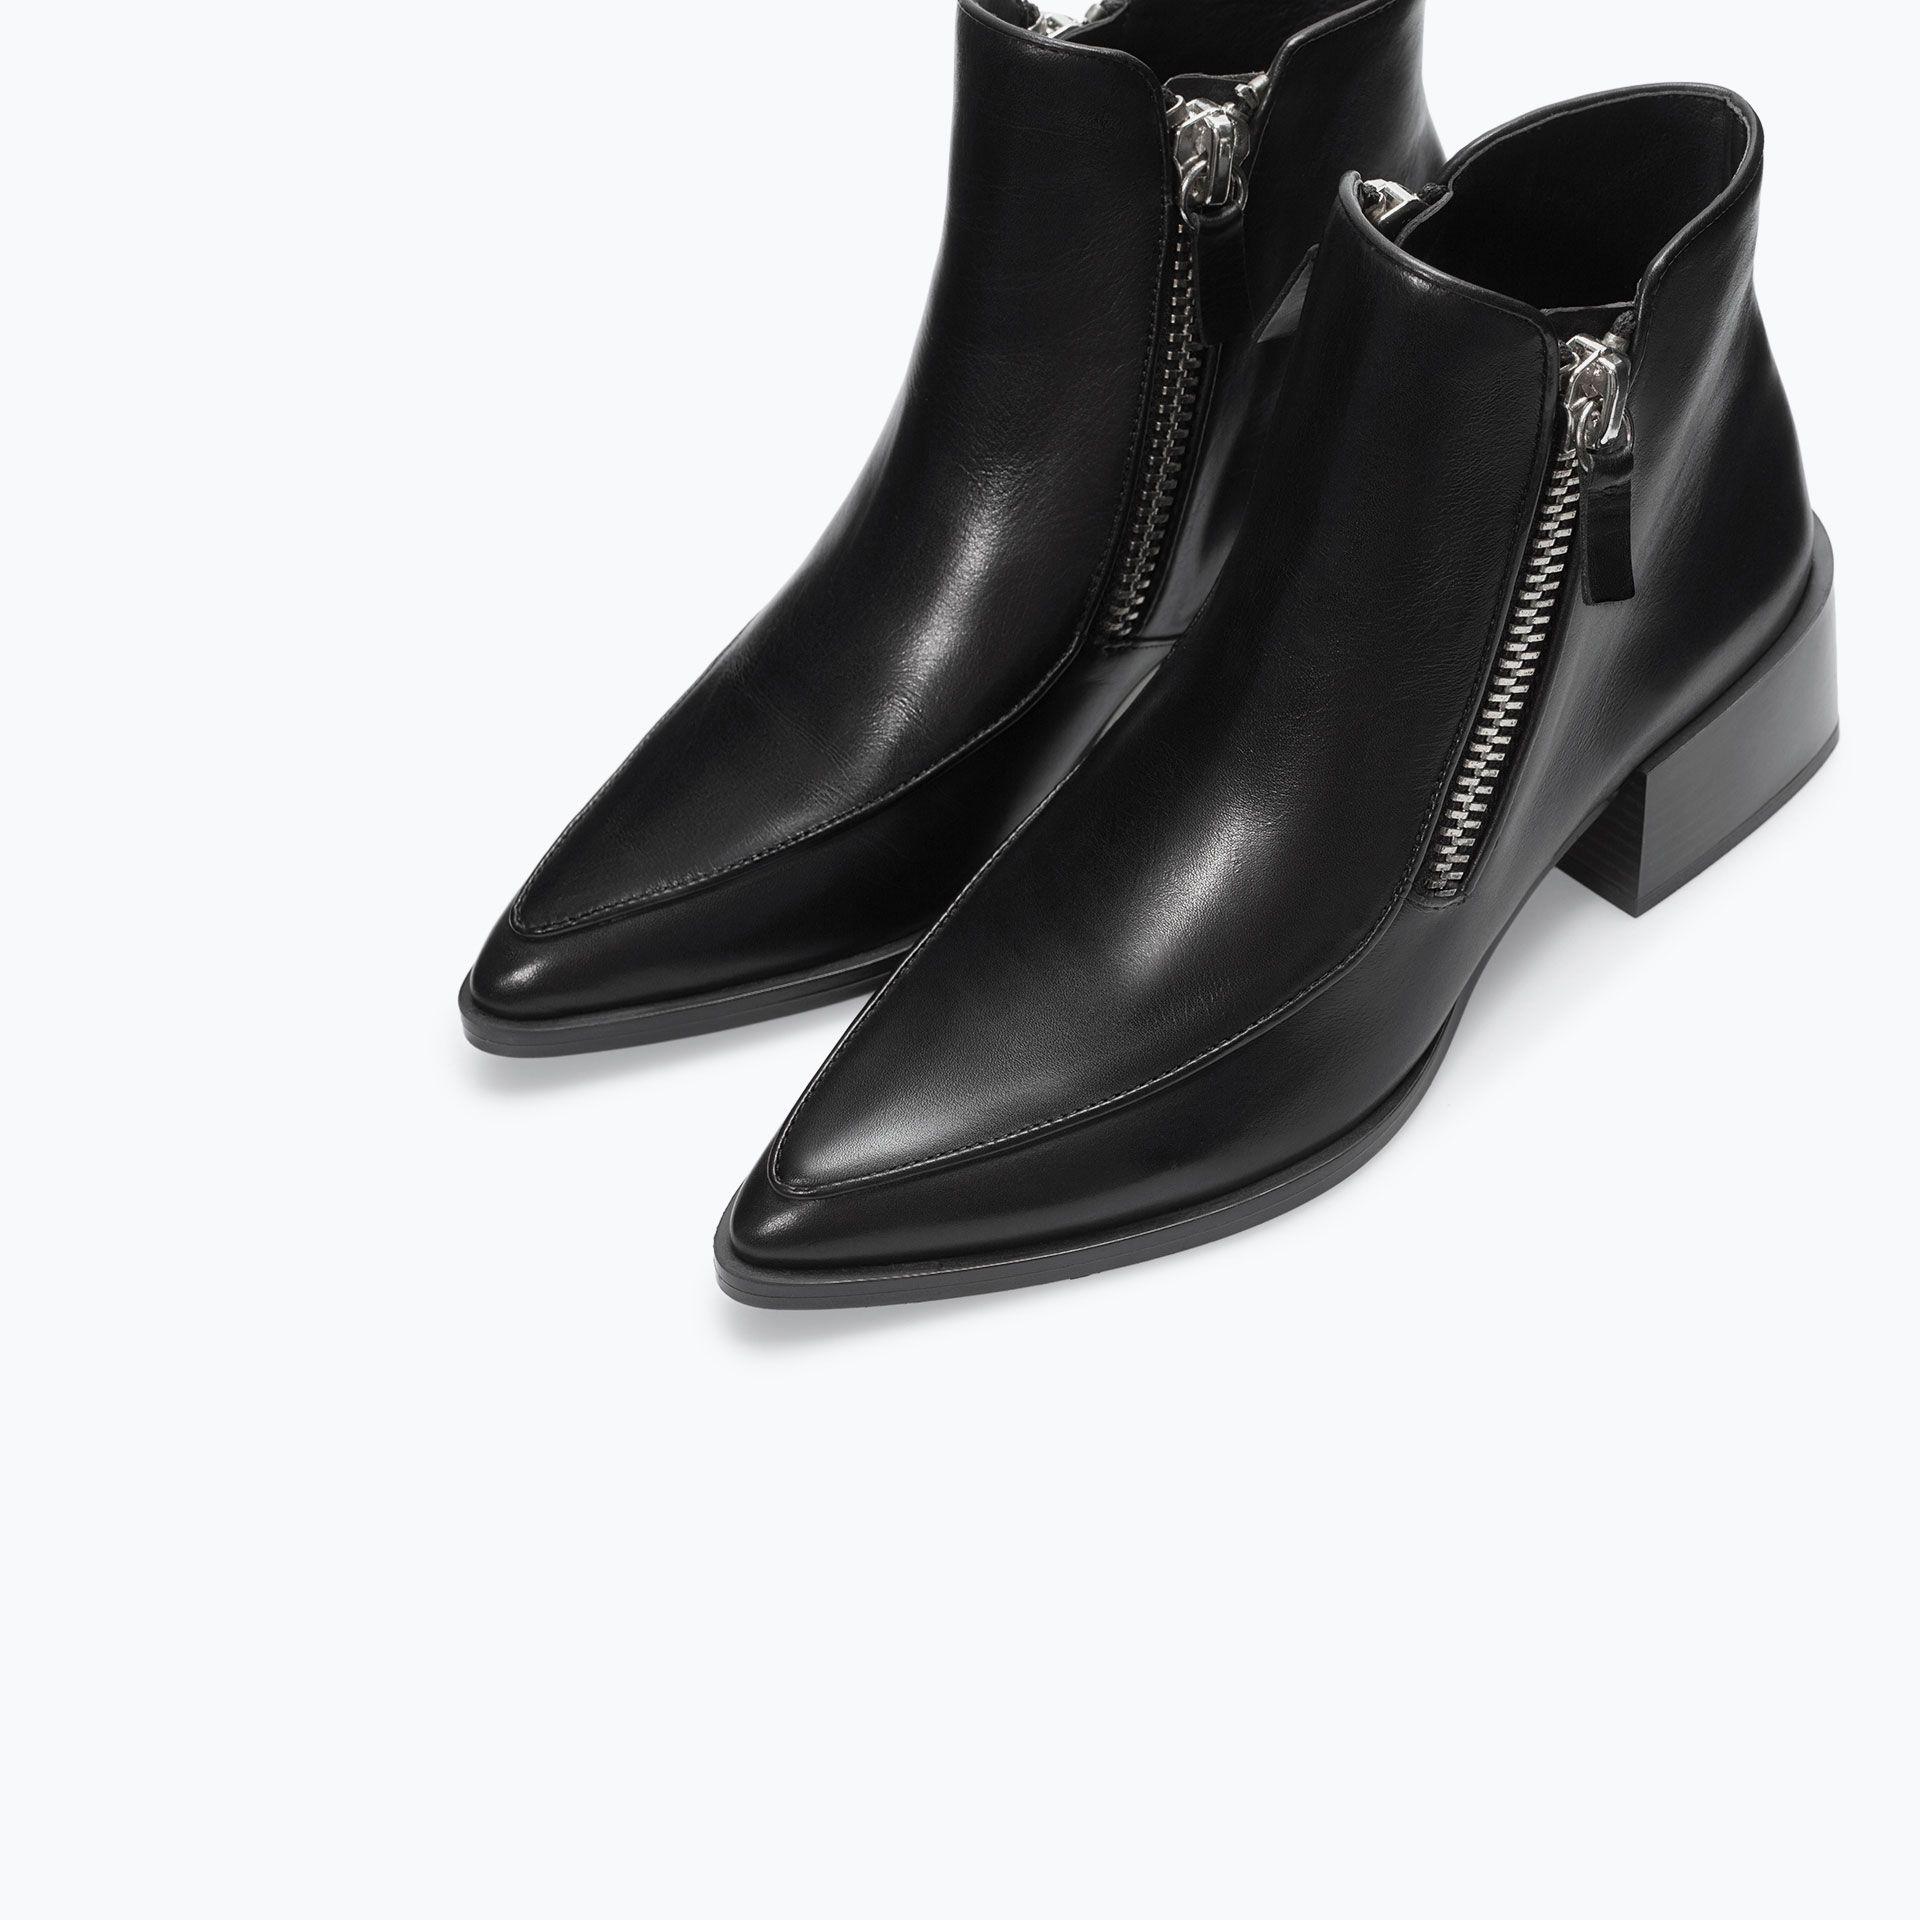 Schwarze Stiefel mit Reißverschluss ye2LN0i